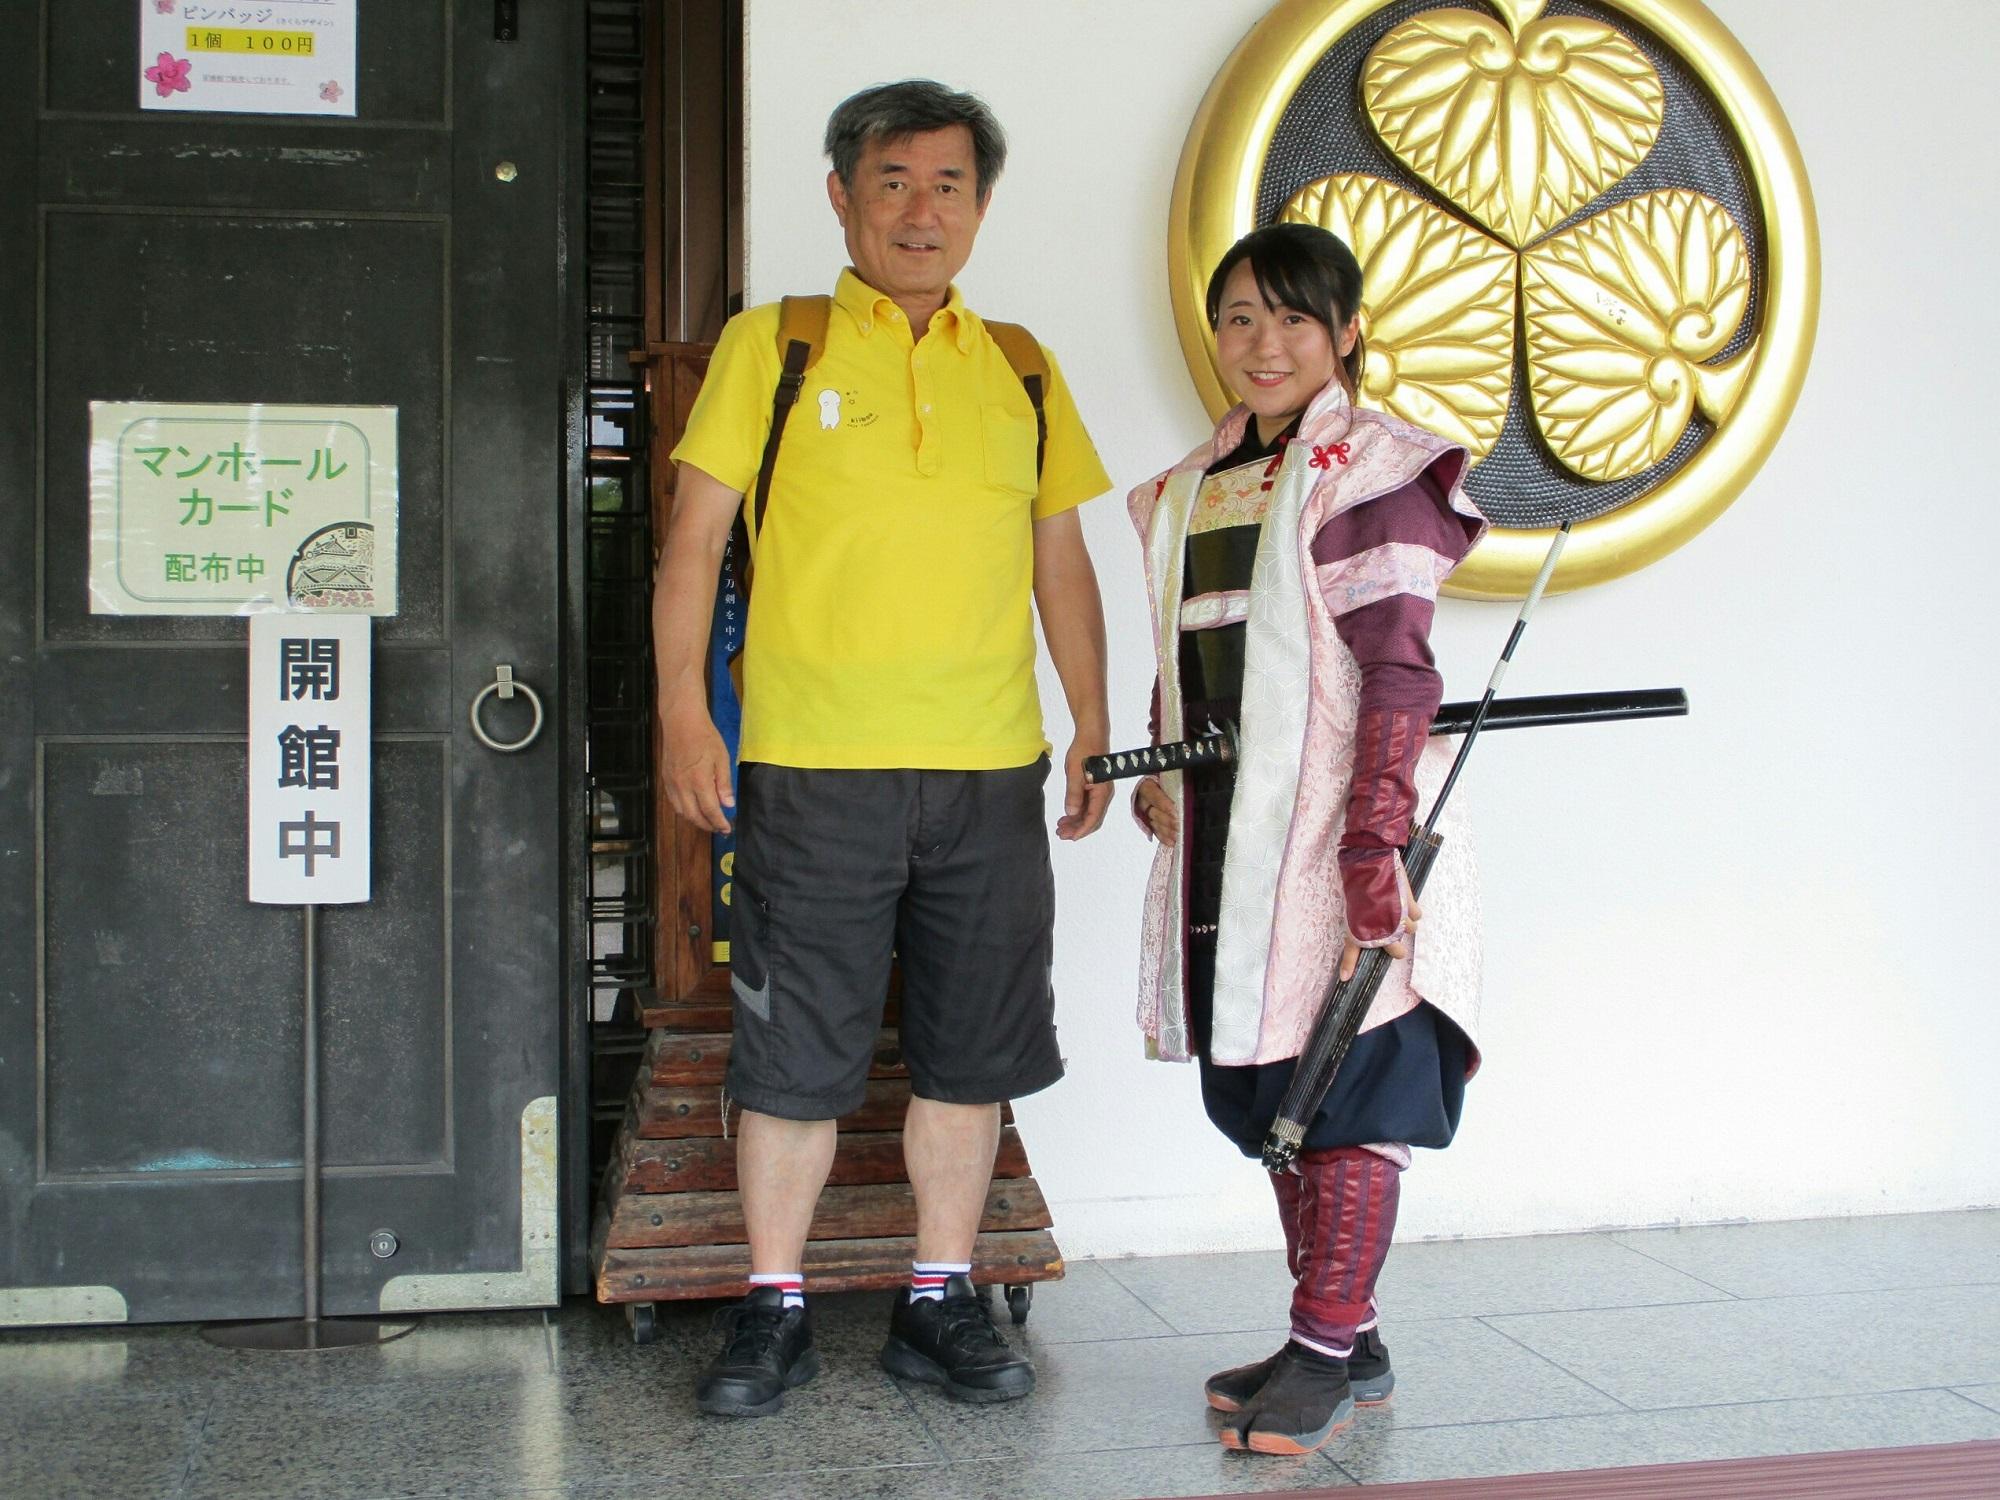 2018.6.11 (8) 三河武士のやかた - 稲姫と記念さつえい 2000-1500